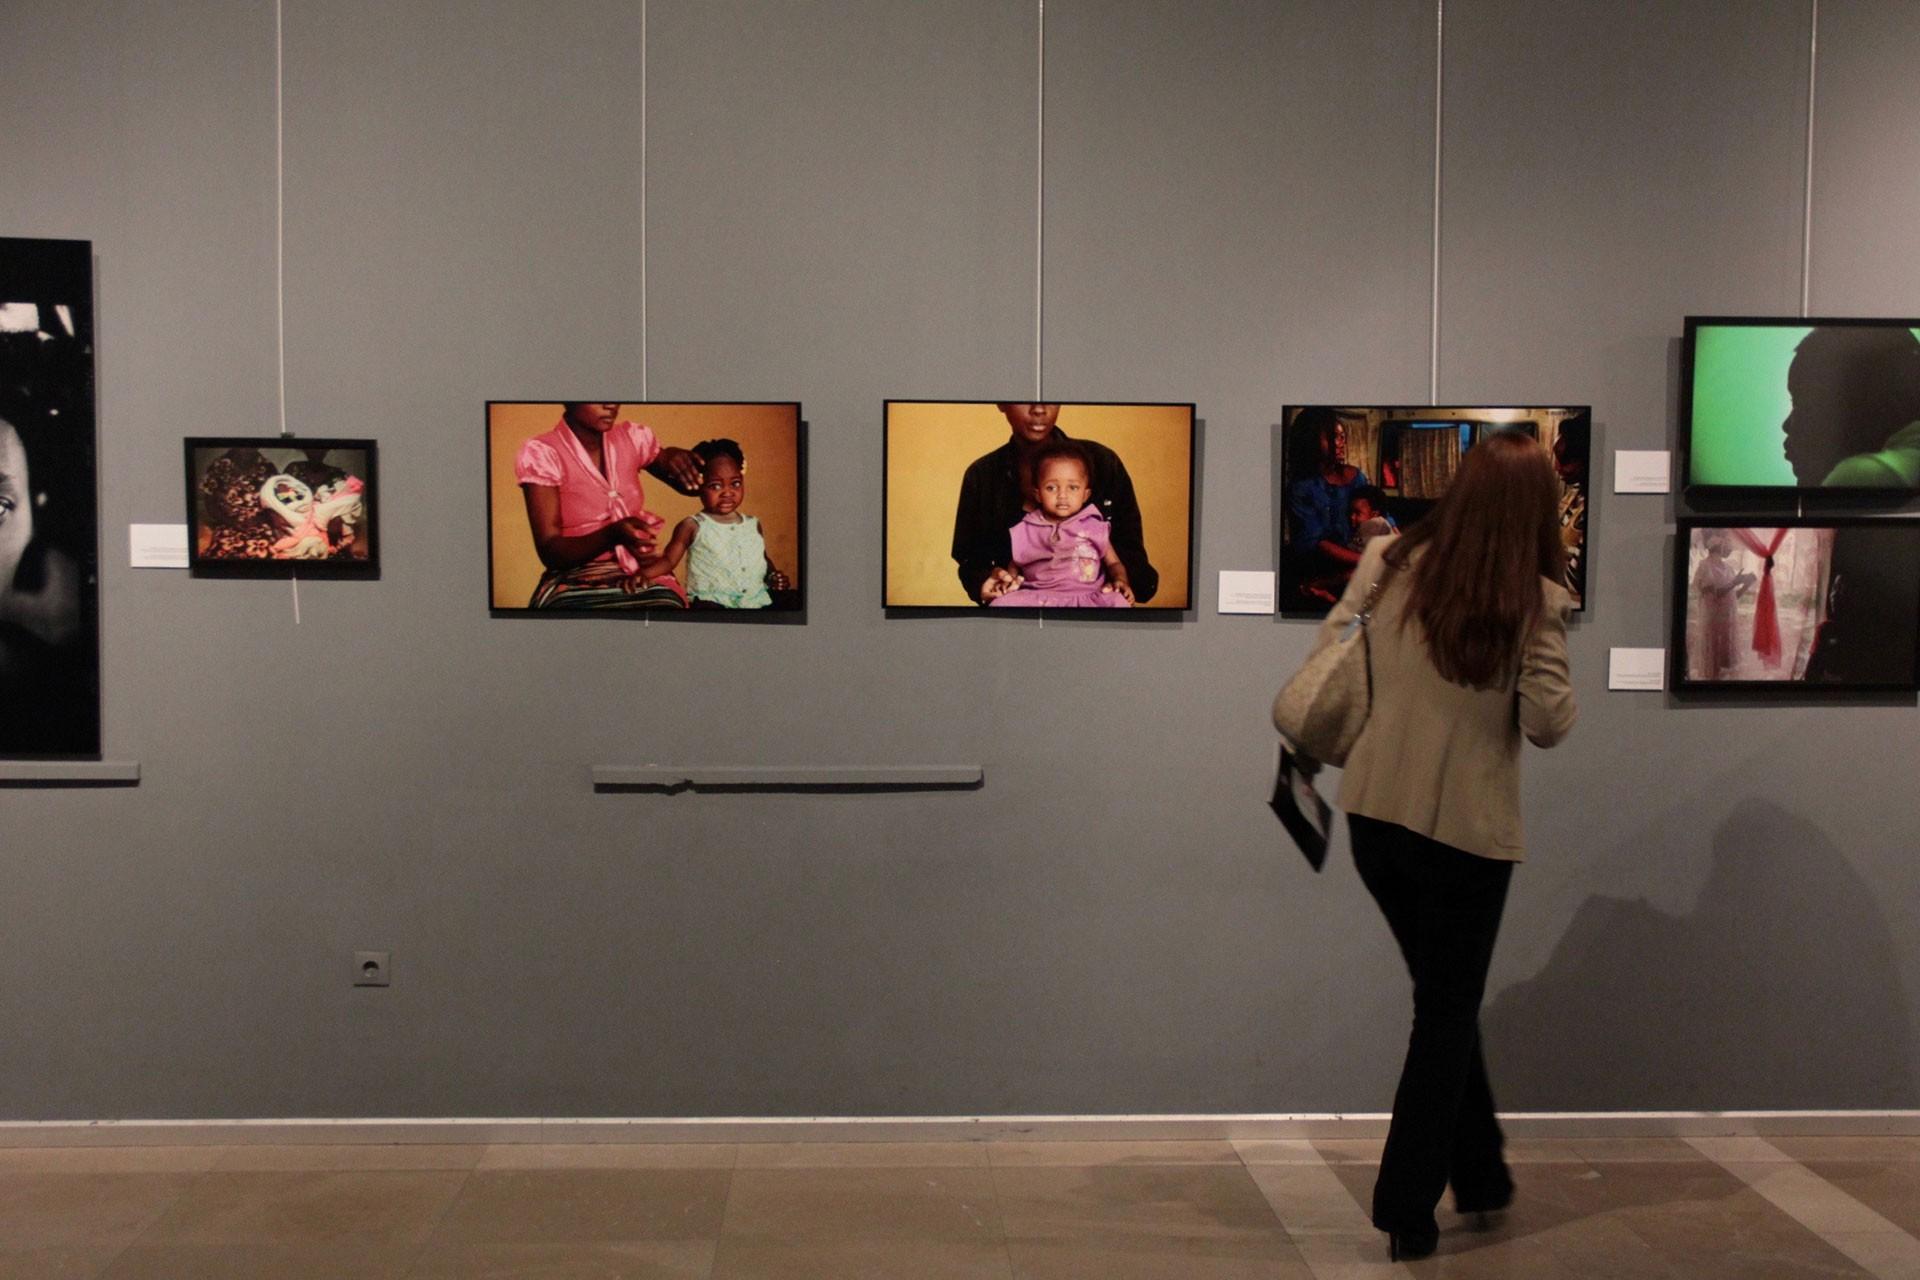 Fransız fotoğraf sanatçısı Lam Duc Hien, 50 ülkede kadına şiddeti fotoğraflarına yansıttı